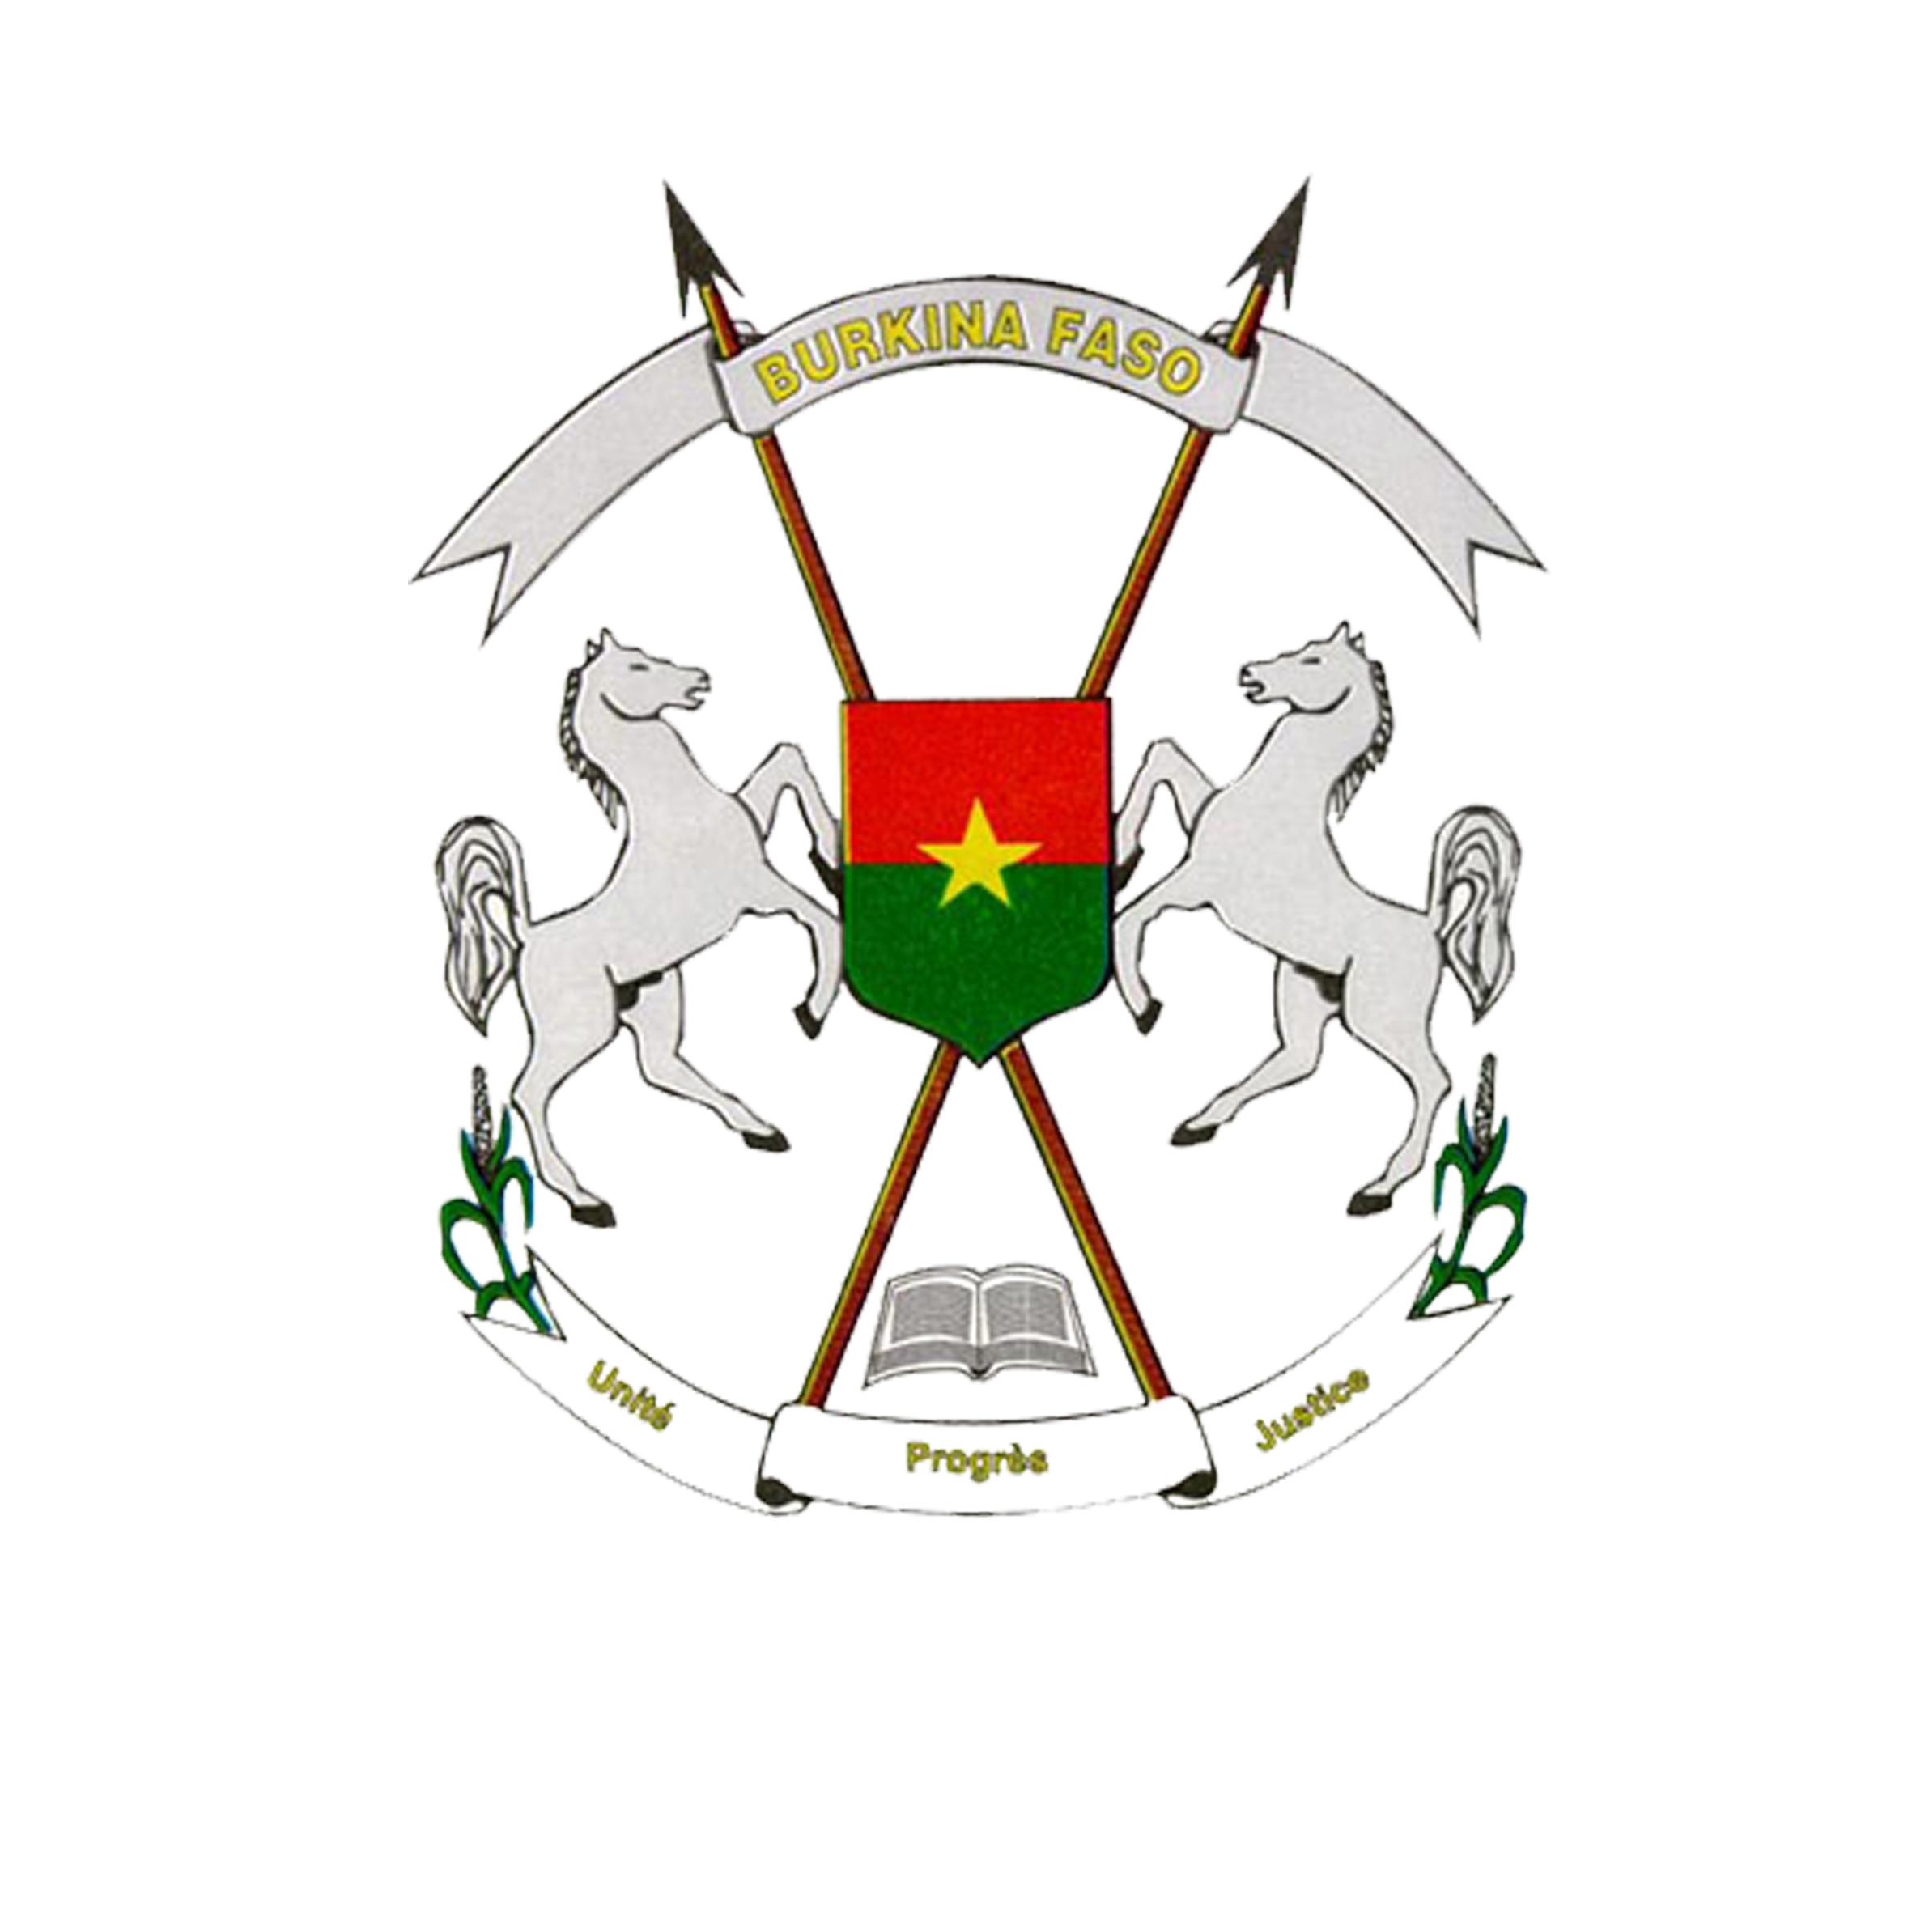 COMPTE RENDU DU CONSEIL DES MINISTRES DU 5 JUILLET 2017